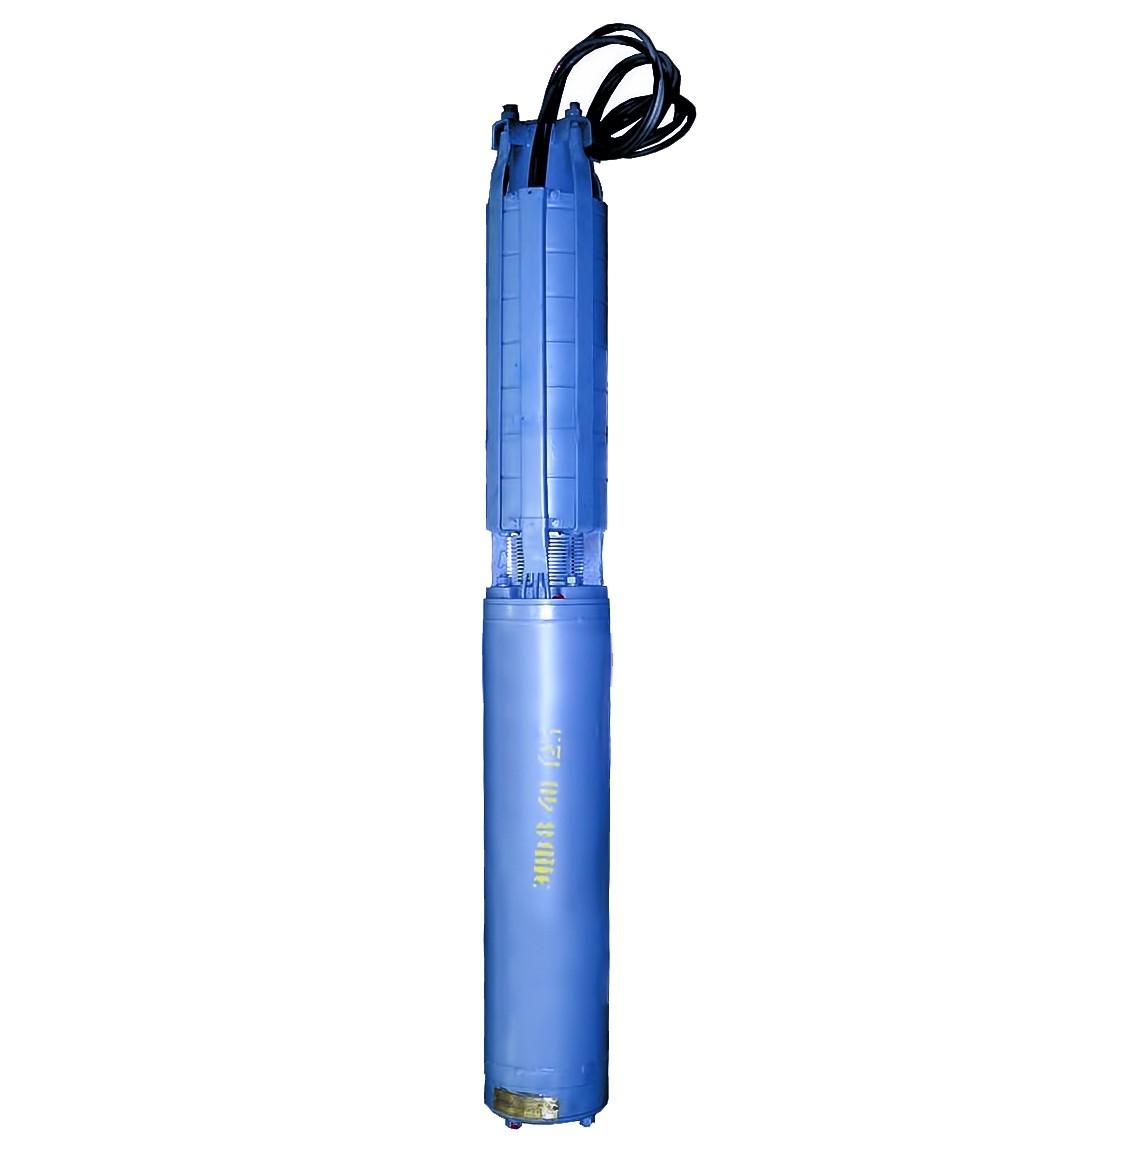 Погружной насос ЭЦВ 6-10-120 армлен